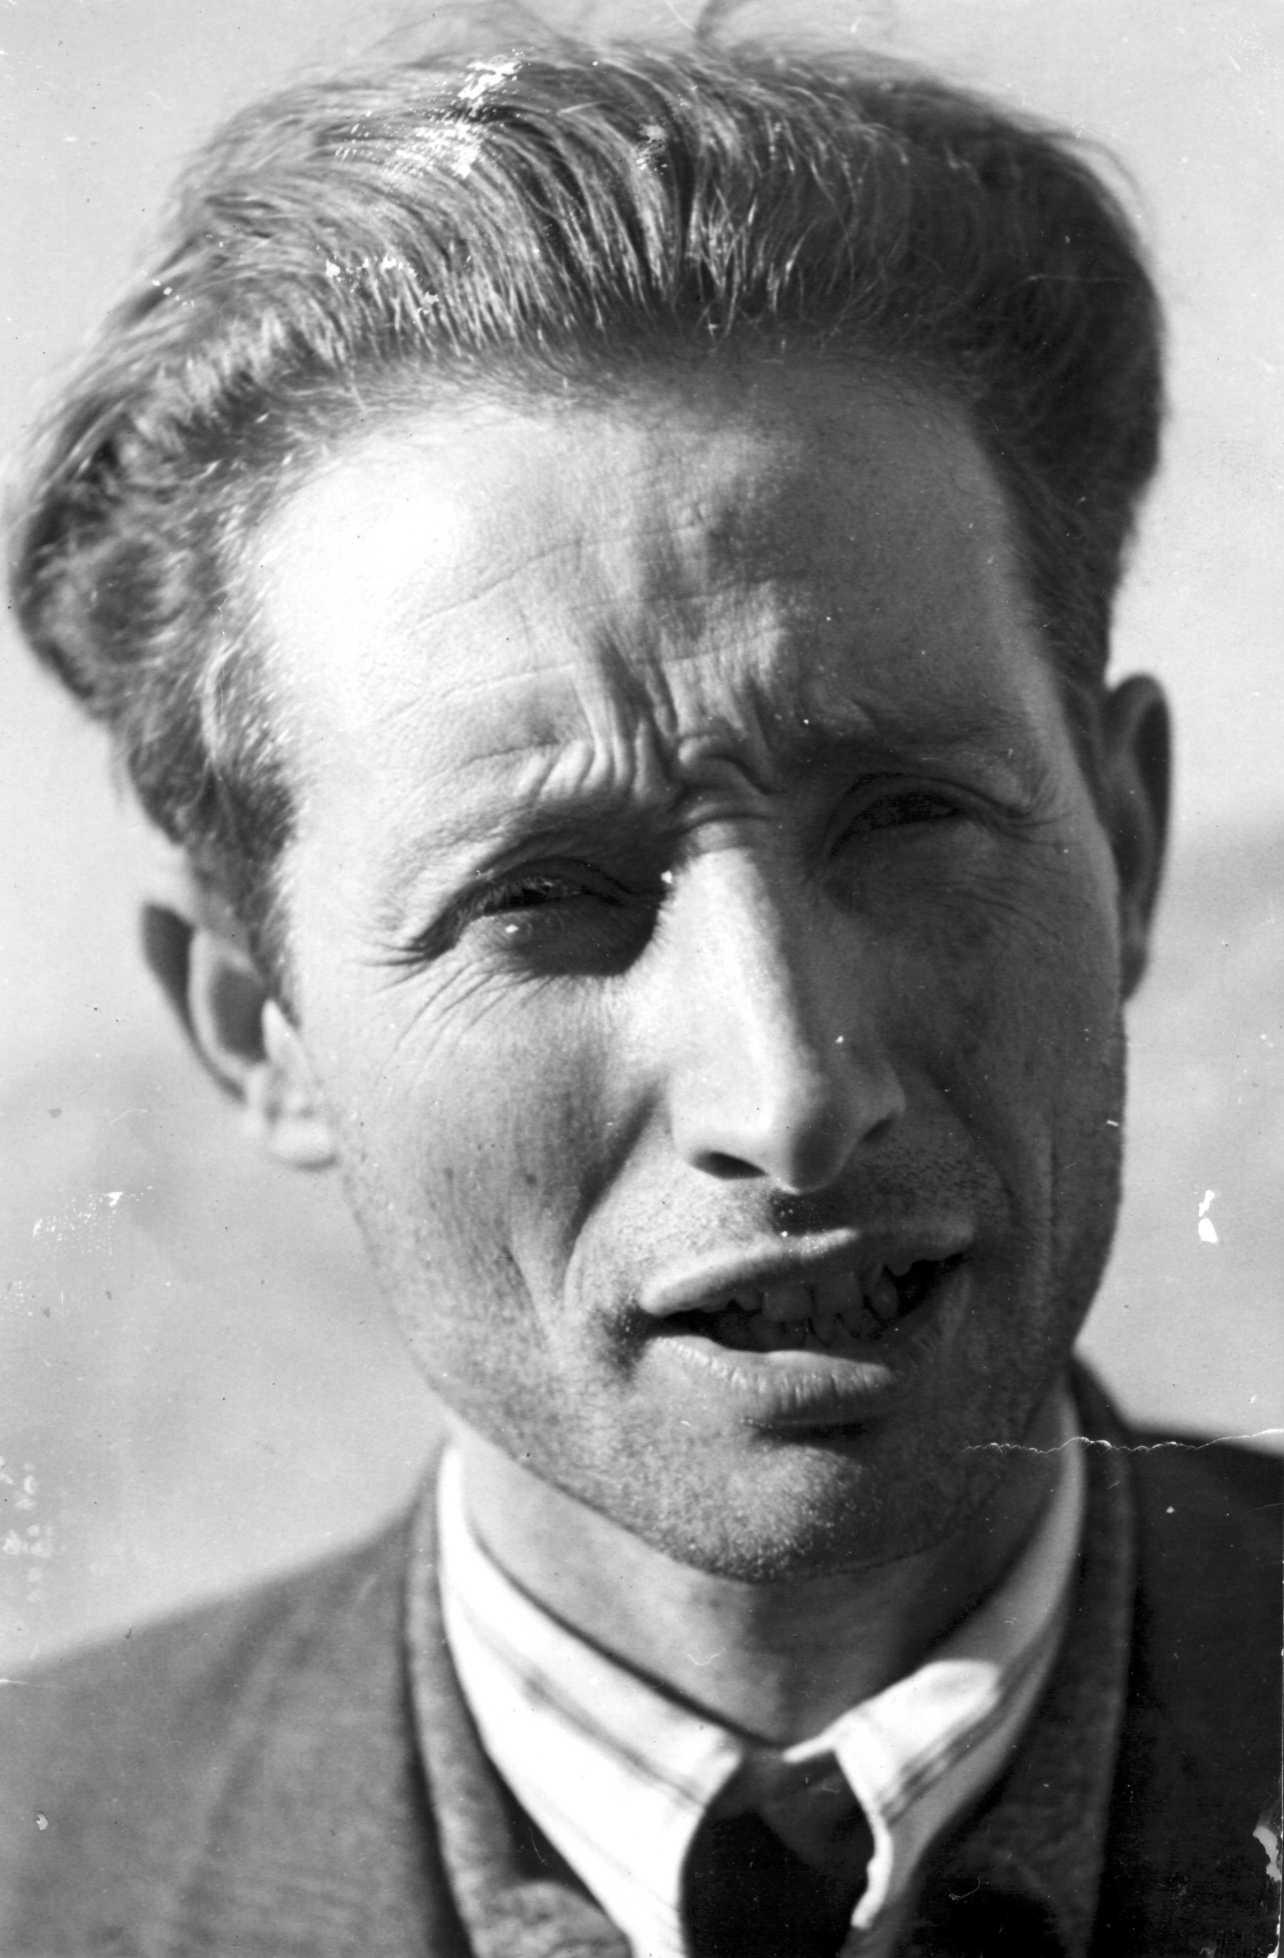 José Grunfeld poc abans de sortir d'Espanya (07-03-1939). Foto cedida per la Fundació Anselmo Lorenzo (FAL)